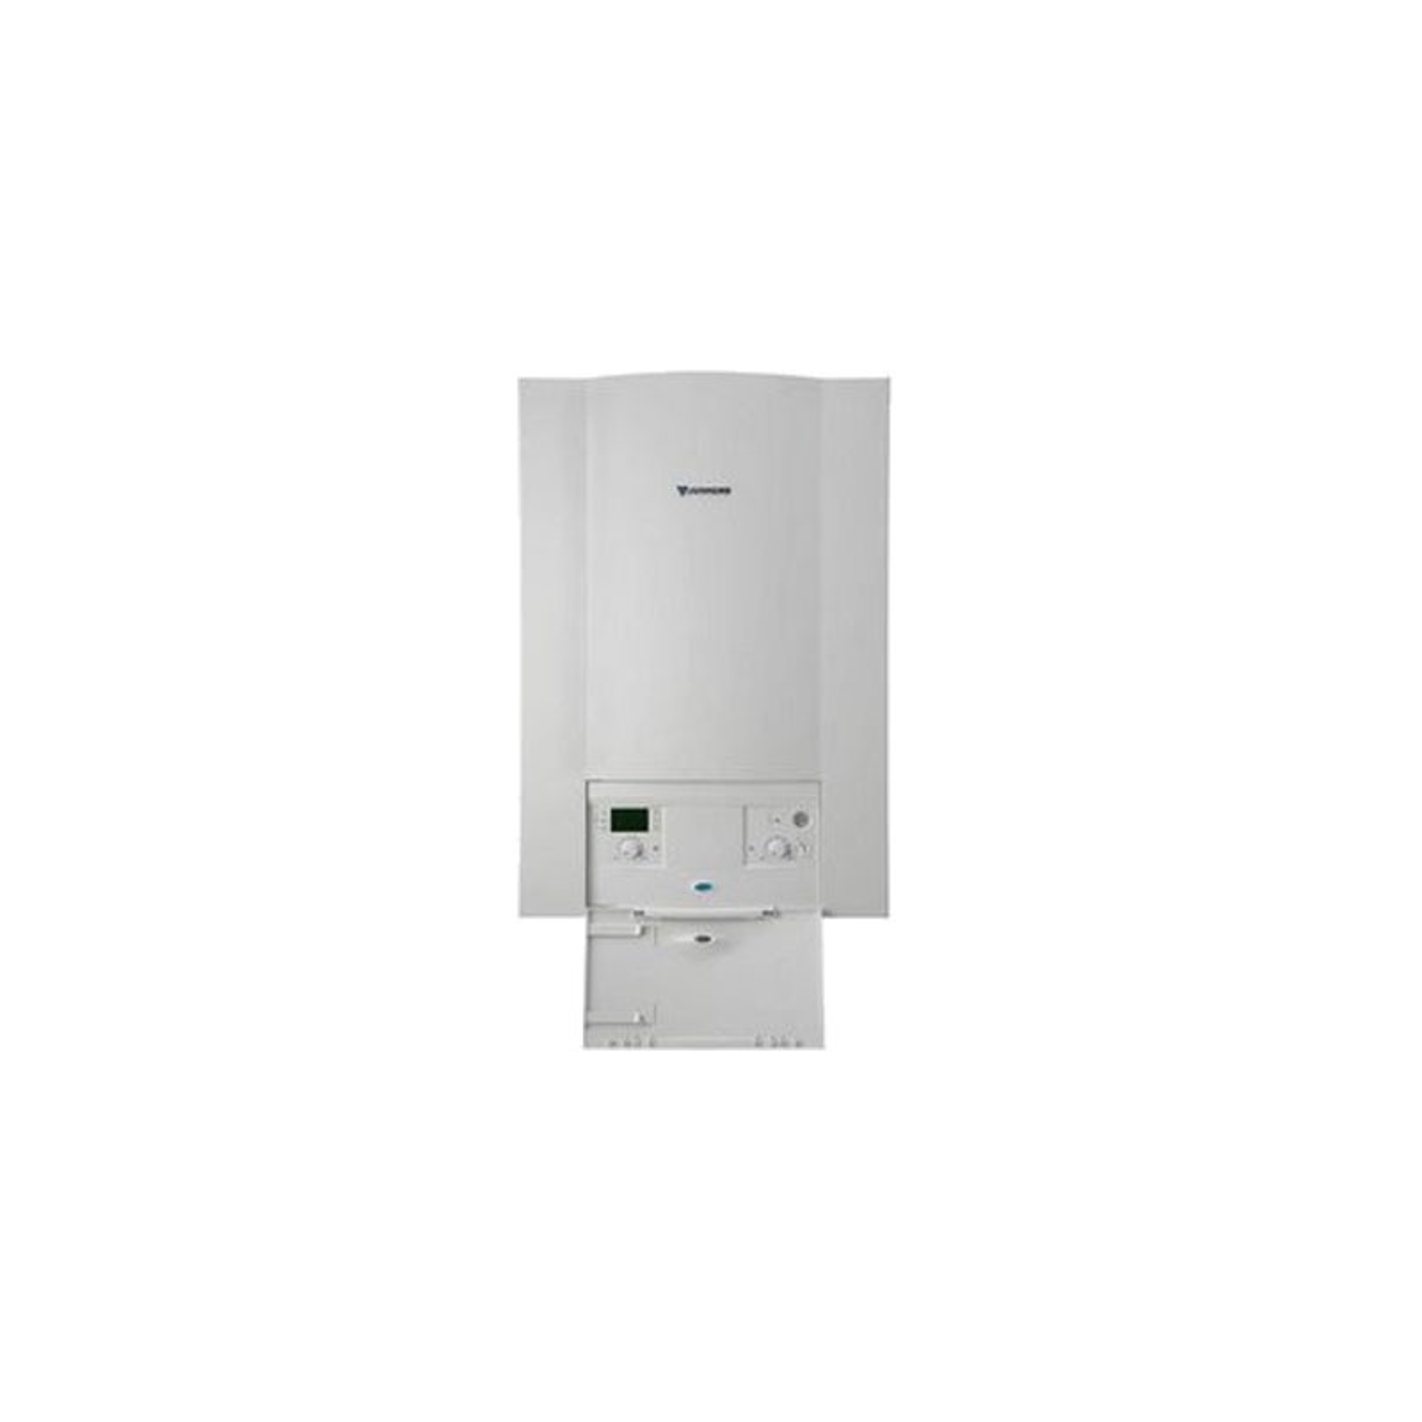 Caldera junkers cerapuracu smart zwsb 24 30 4 e precio for Calderas junkers condensacion precios